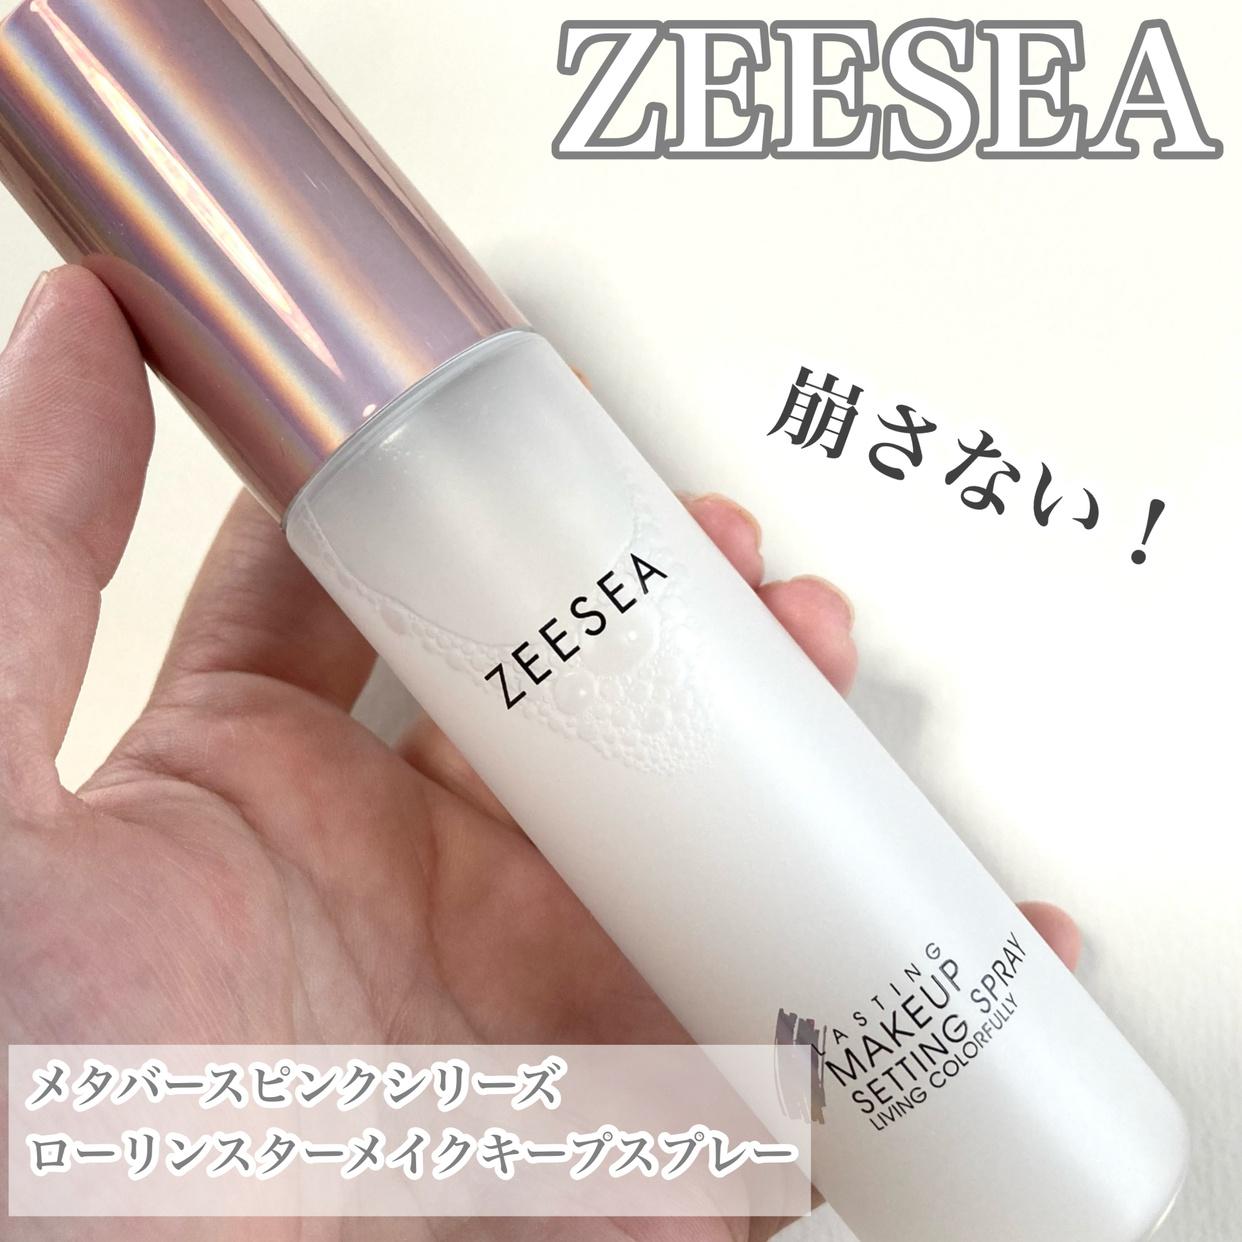 ZEESEA(ズーシー)メタバースピンクシリーズ ローリンスターメイクキープスプレーを使った☆ふくすけ☆さんのクチコミ画像1